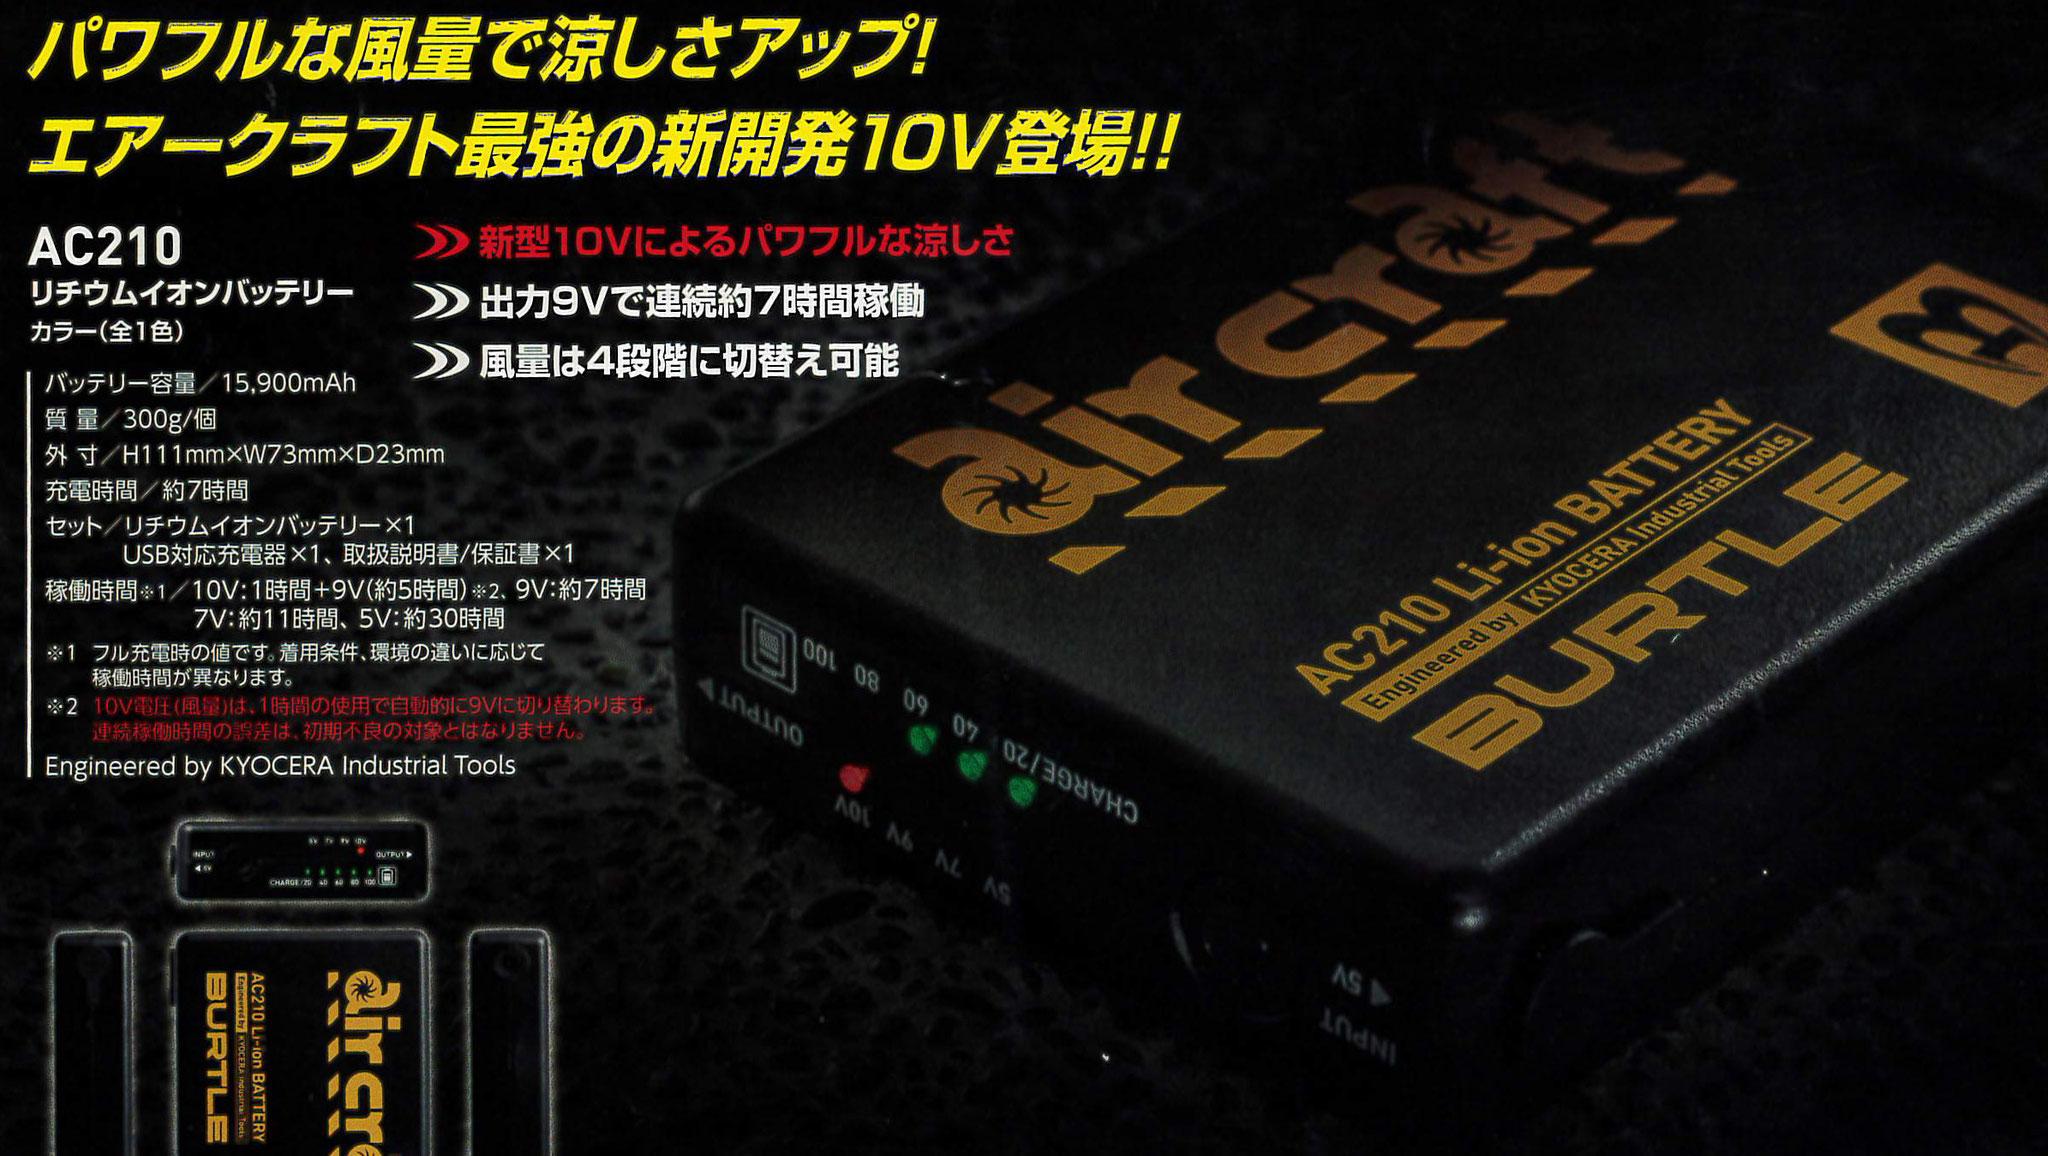 AC210 リチウムイオンバッテリー ¥9,900(税込)